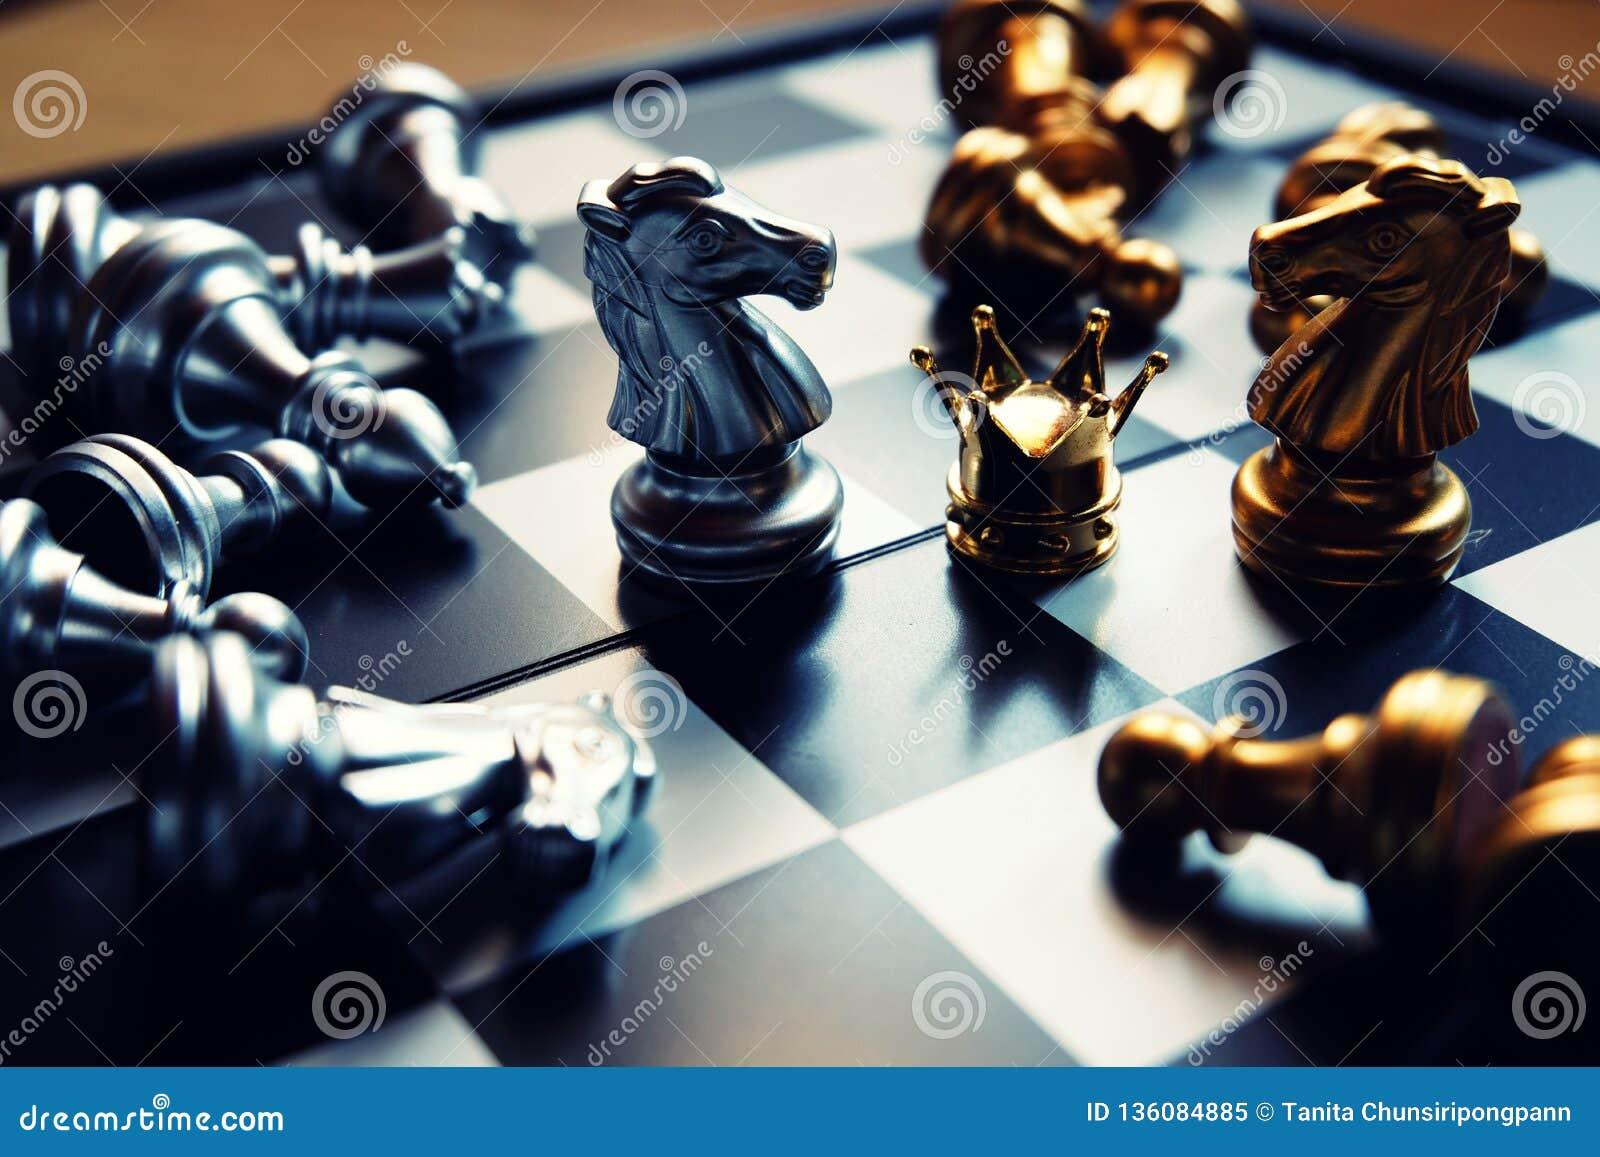 Διαρκέστε τη στάση δύο ιπποτών ο ένας εναντίον του άλλου, παλεύοντας για την κορώνα Επιχειρησιακή ανταγωνιστική έννοια διάστημα α